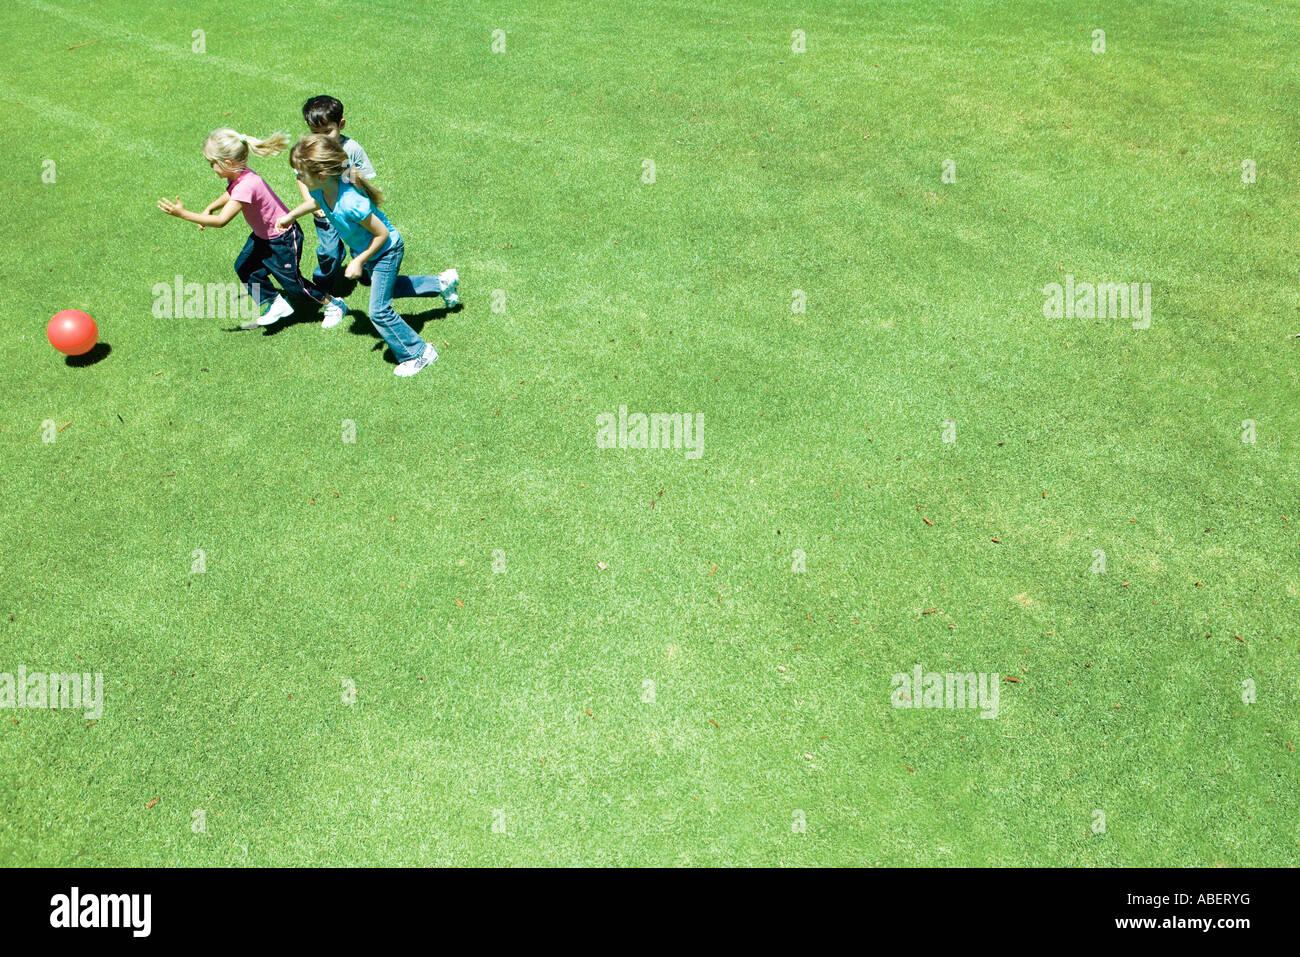 Les enfants jouer au ballon sur l'herbe Photo Stock